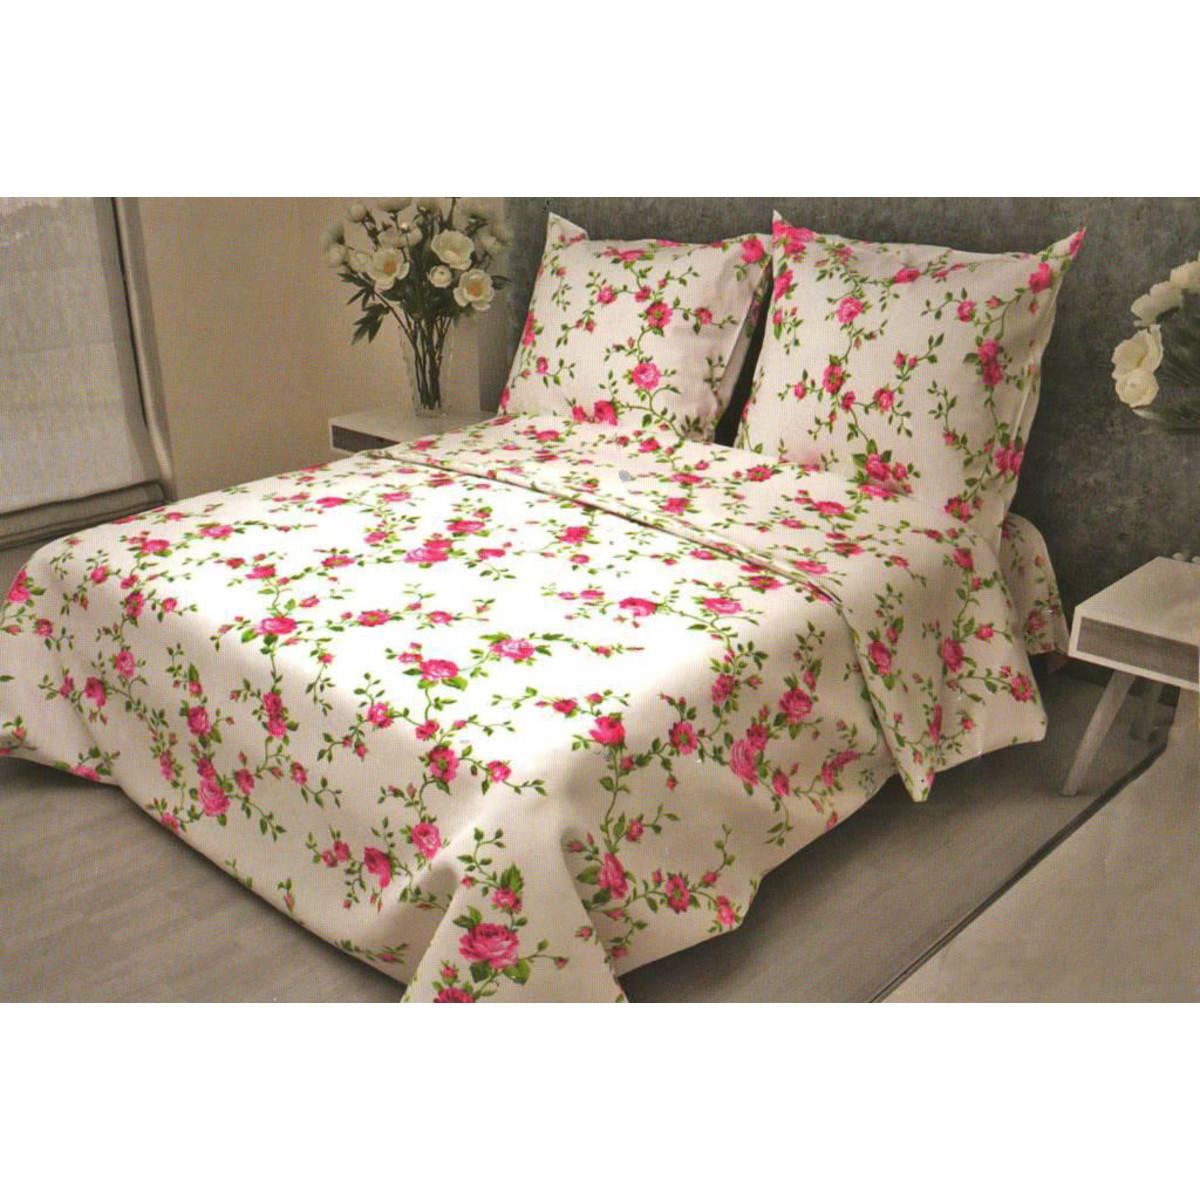 Комлплект постельного белья полутораспальный «Розы» бязь 50x70 см